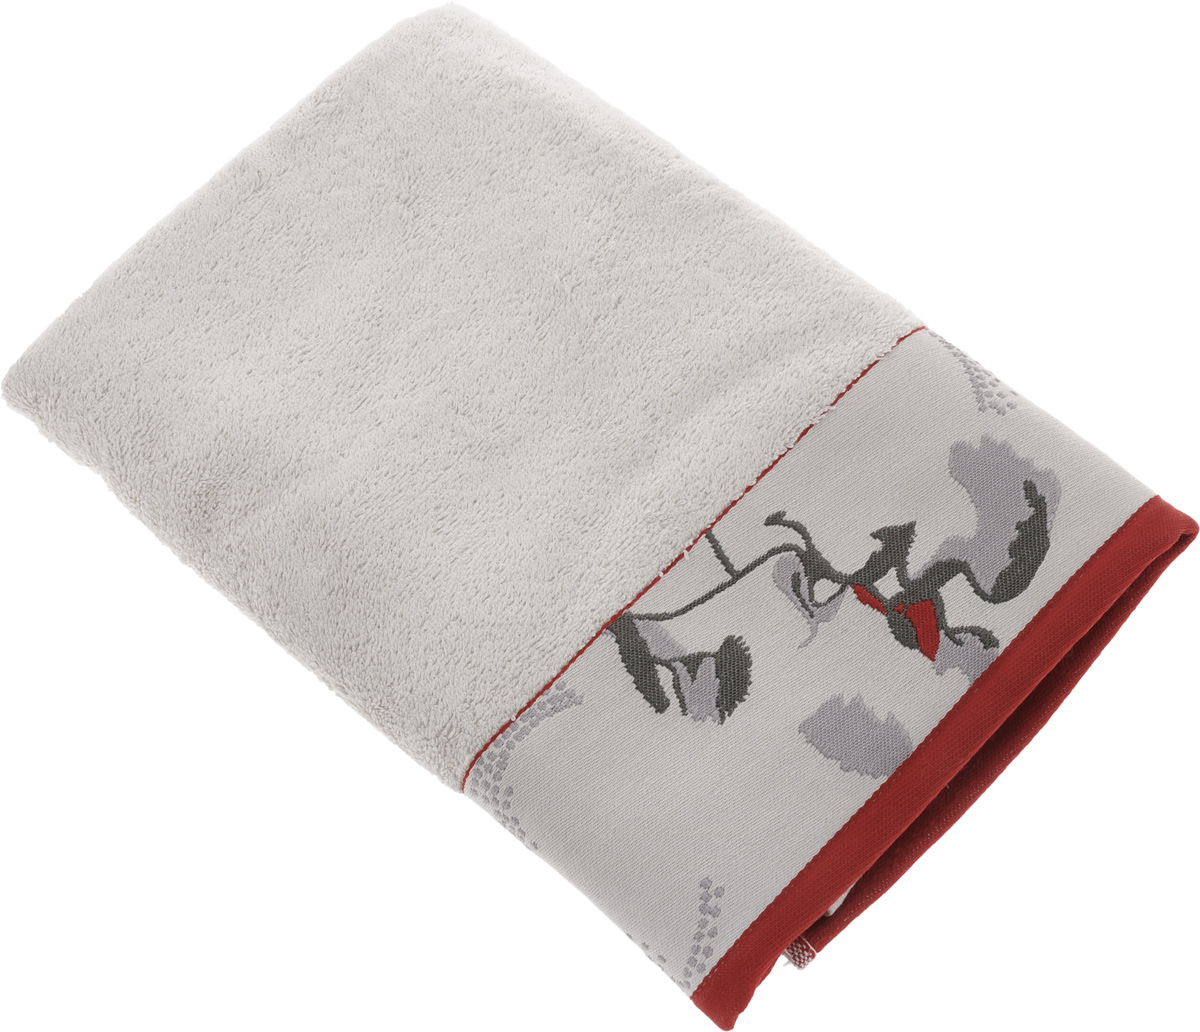 """Мягкое полотенце """"Two"""" изготовлено из 30%  хлопка и 70% бамбукового волокна. Полотенце  """"Two"""" с жаккардовым бордюром обладает  высокой впитывающей способностью и сочетает в  себе элегантную роскошь и  практичность. Благодаря высокому качеству  изготовления, полотенце будет радовать вас многие  годы. Мотивы коллекции  """"Mona Liza Premium bu Serg Look"""" навеяны  итальянскими  фресками эпохи Ренессанса, периода удивительной  гармонии в искусстве. В  представленной коллекции для нанесения на ткань  рисунка применяется многоцветная печать, метод  реактивного крашения, который  позволяет создать уникальную цветовую гамму,  напоминающую старинные фрески. Этот метод  также обеспечивает высокую  устойчивость краски при стирке."""